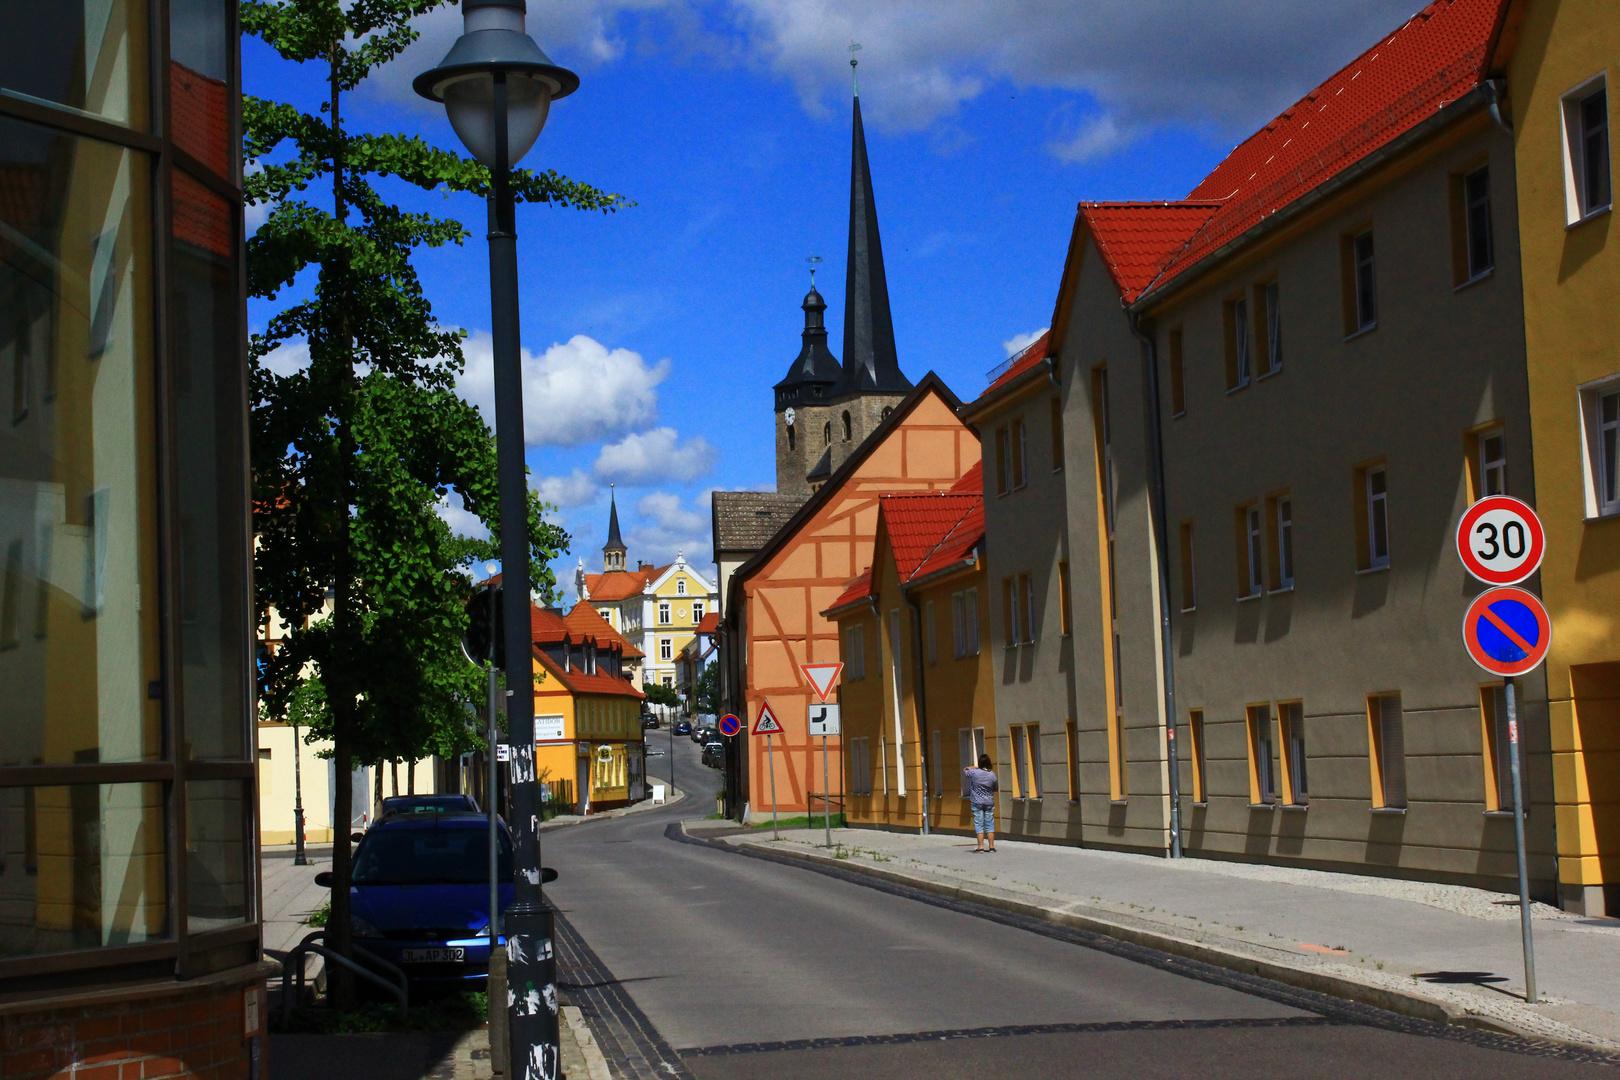 Altstadtaufnahme meiner Heimatstadt